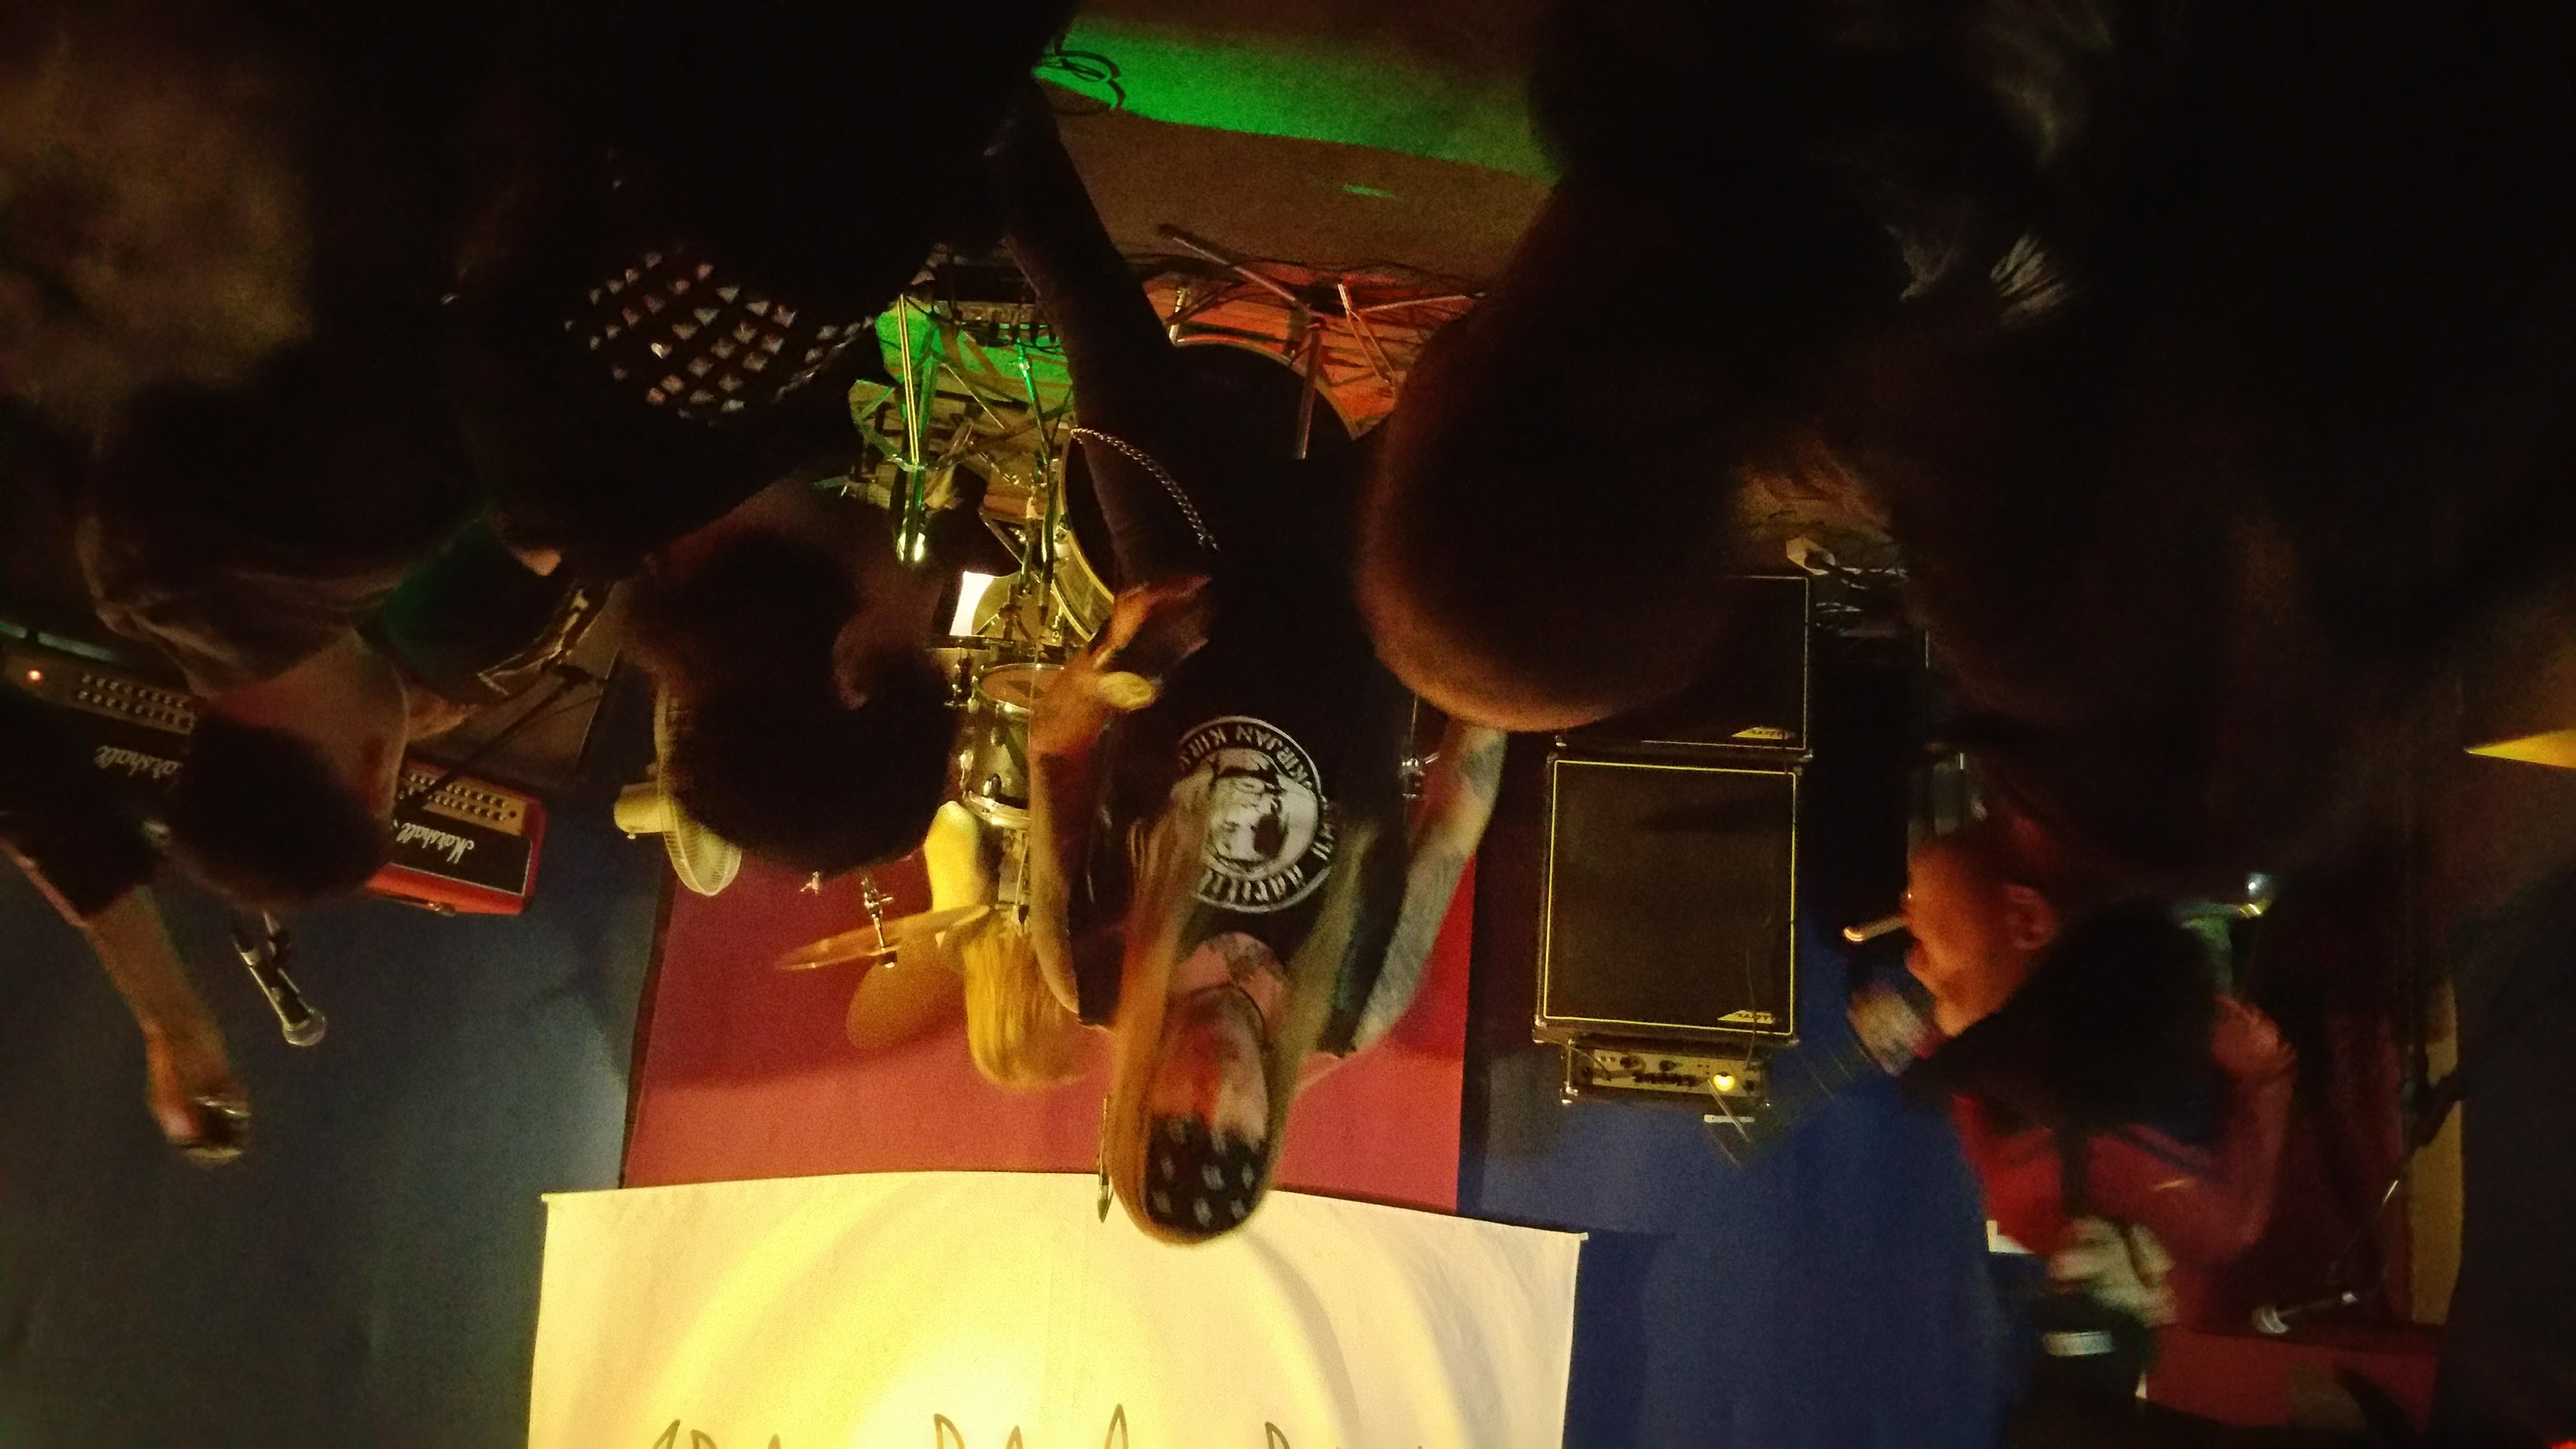 Perkele és kuolema egy budapesti pincében